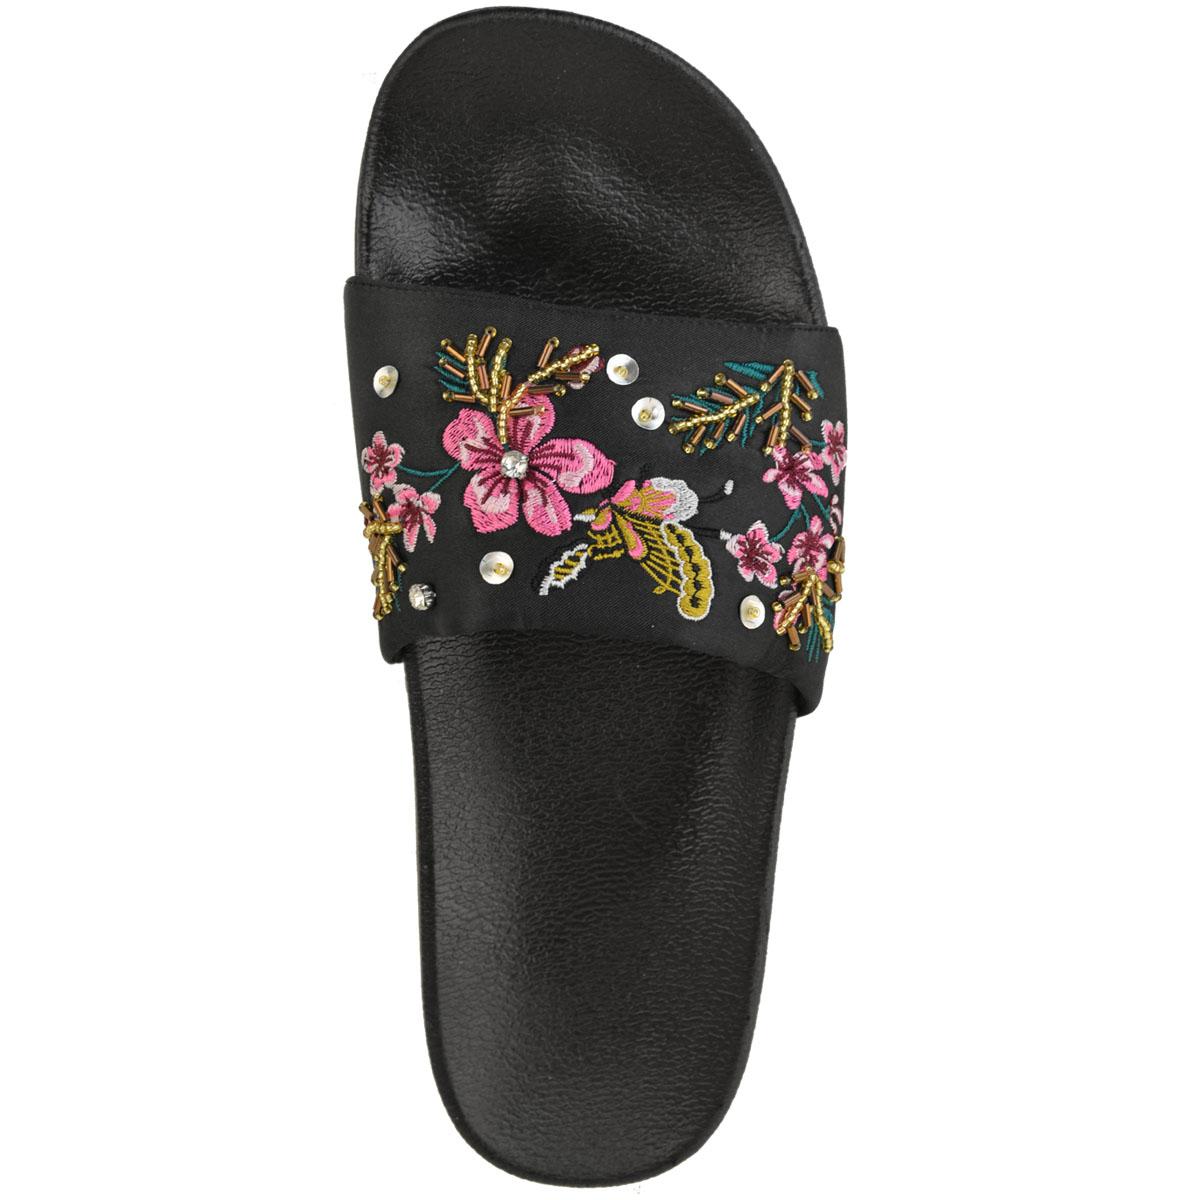 5fd17f4d Detalles de Para mujeres Damas Sandalias Planas Verano Deslizadores Bordado  Floral cómoda resbalón en tamaño- ver título original